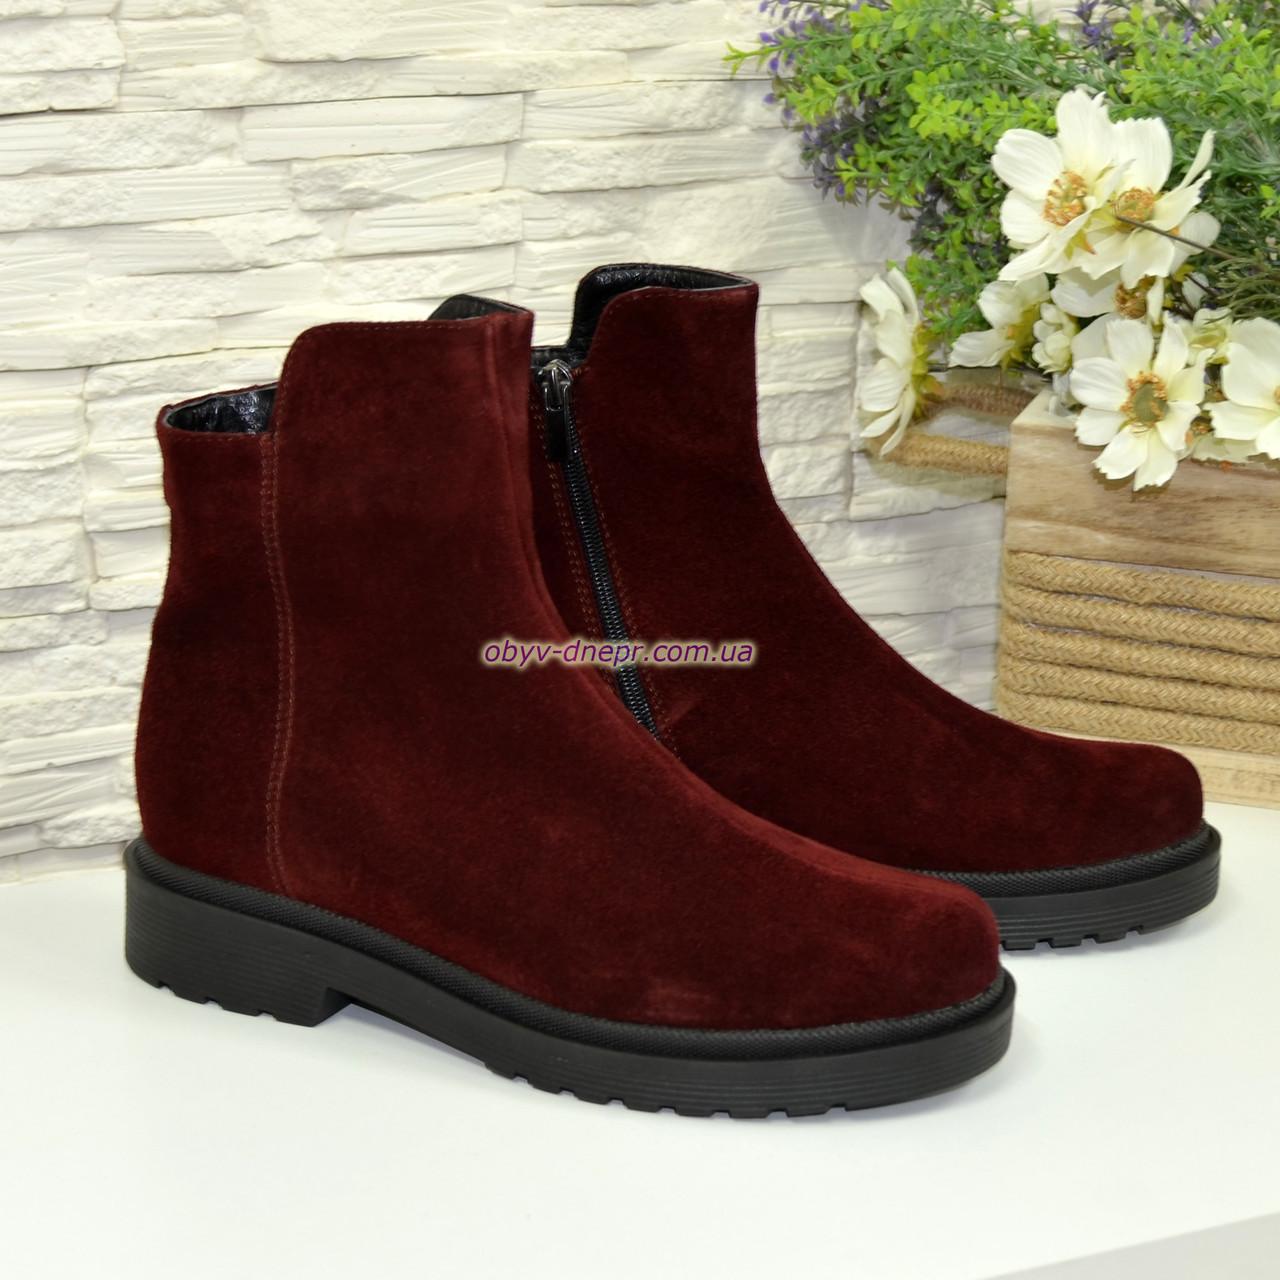 Ботинки женские замшевые демисезонные на маленьком каблуке, цвет бордо